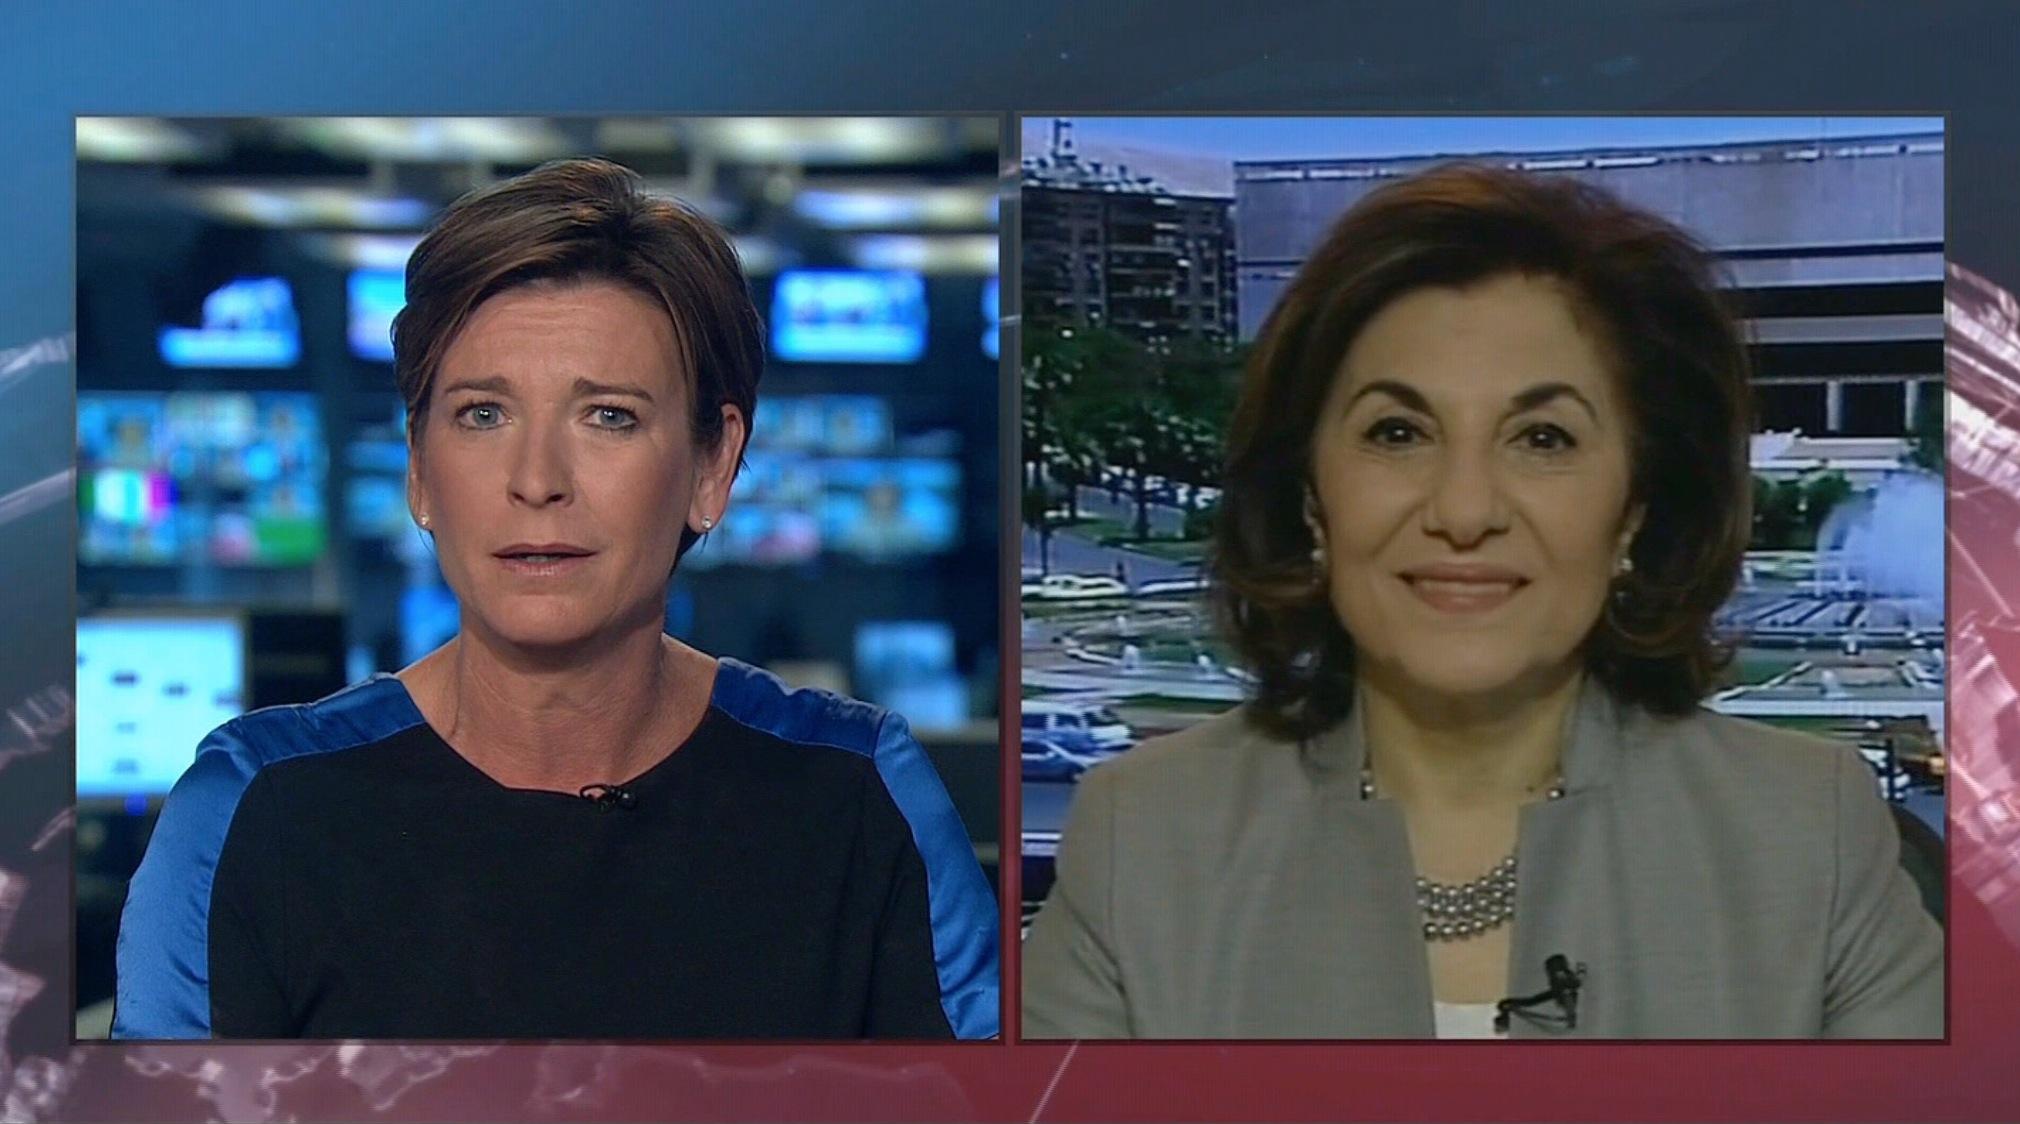 مستشارة الأسد ترد لـCNN على فرح المعارضة السورية بانسحاب روسيا: يرسلون رسائل إعلامية لرفع معنوياتهم